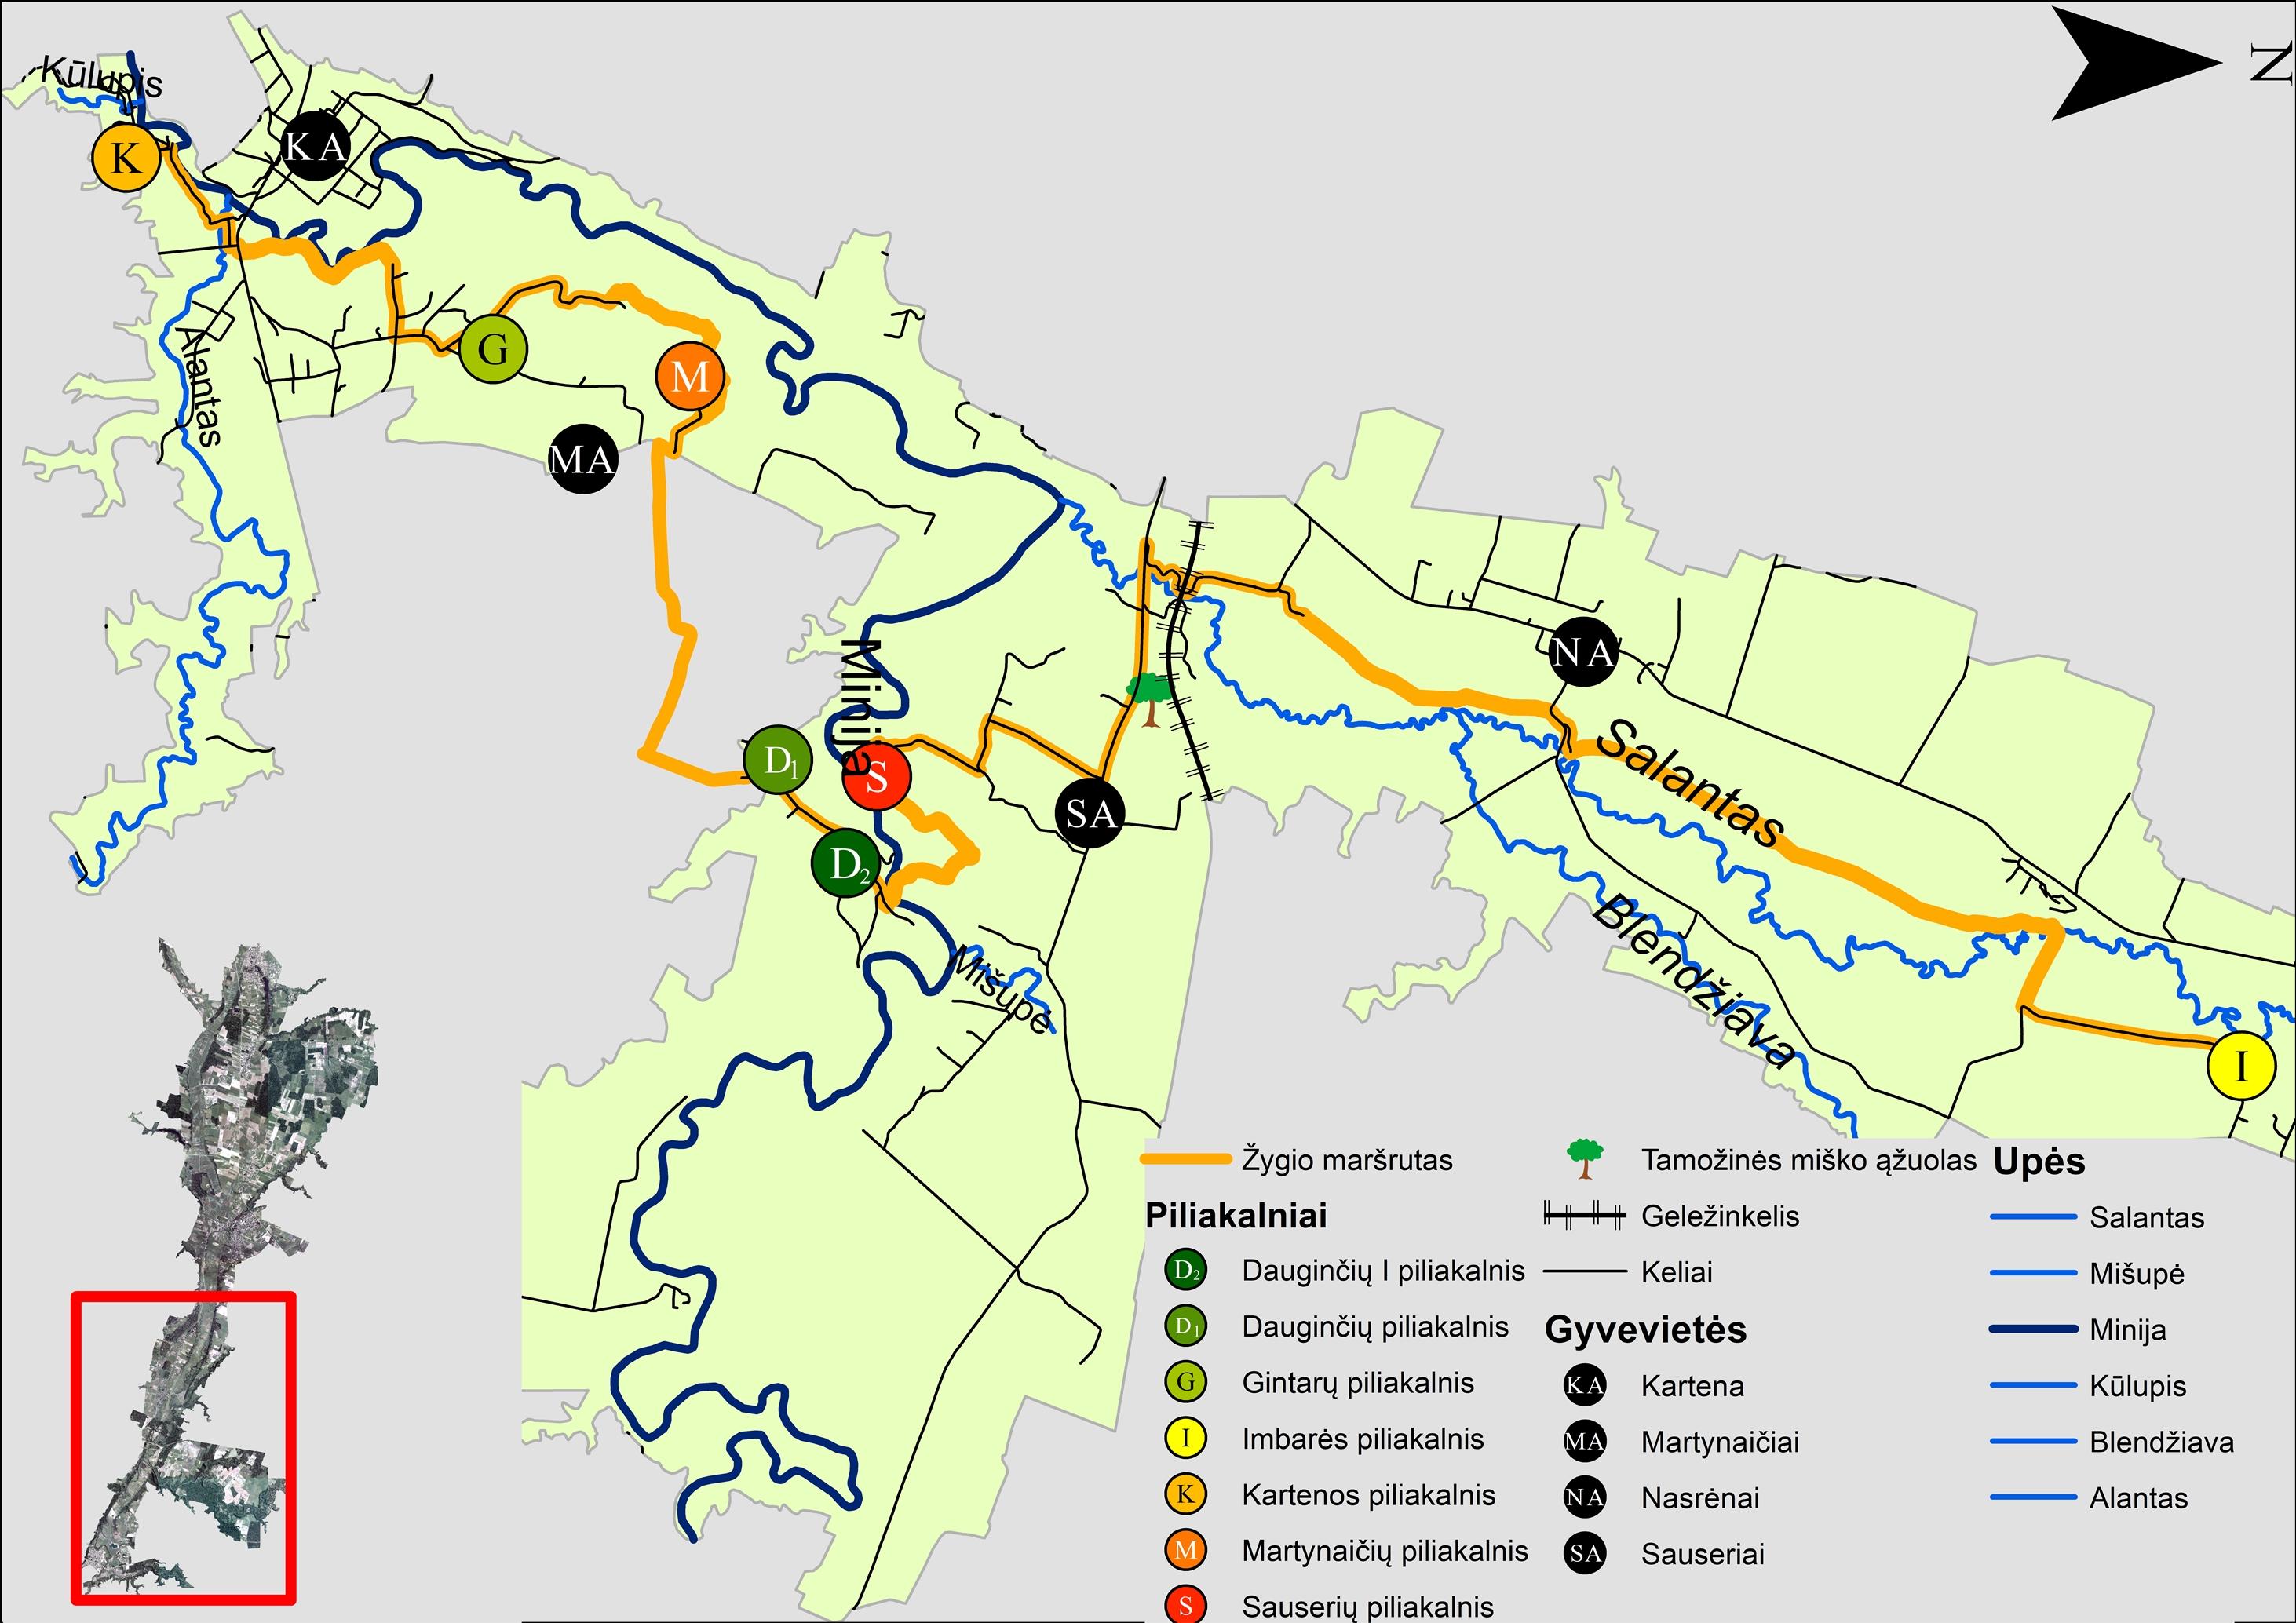 Kartenos Piliakalnis Svente.Salantų Regioninis Parkas Apie Parka